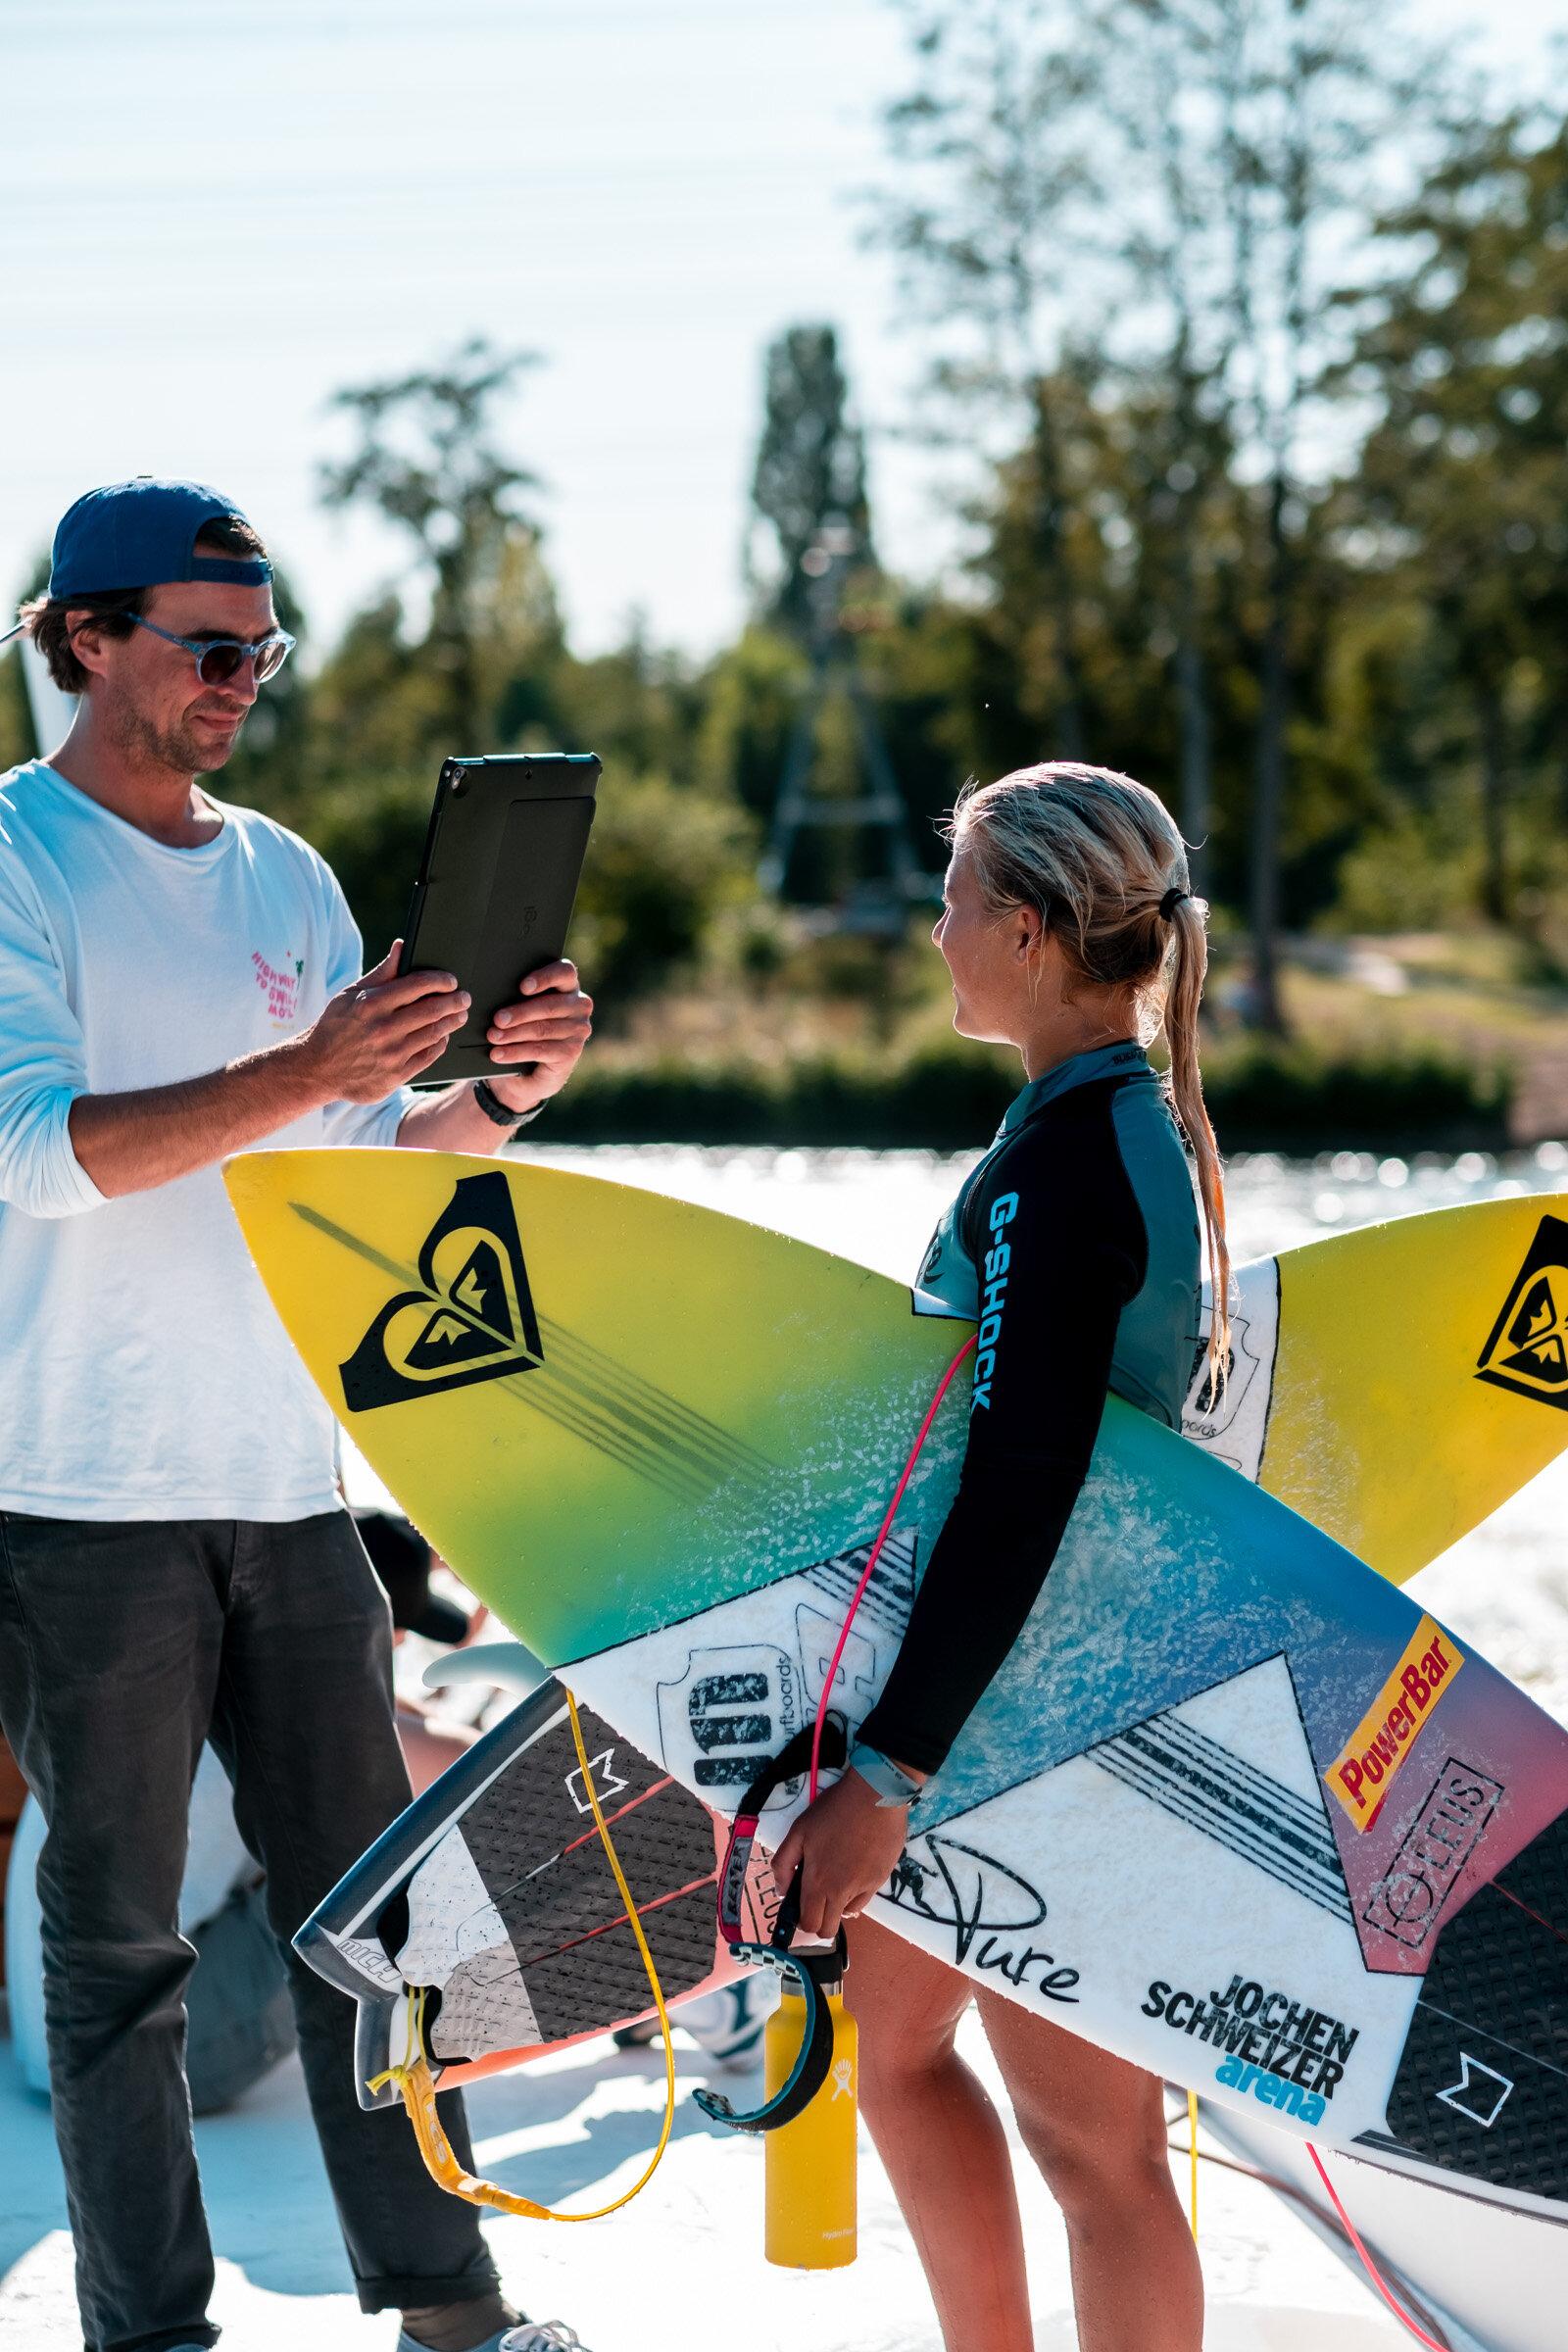 rapid-surf-contest-derKristof-234.jpg